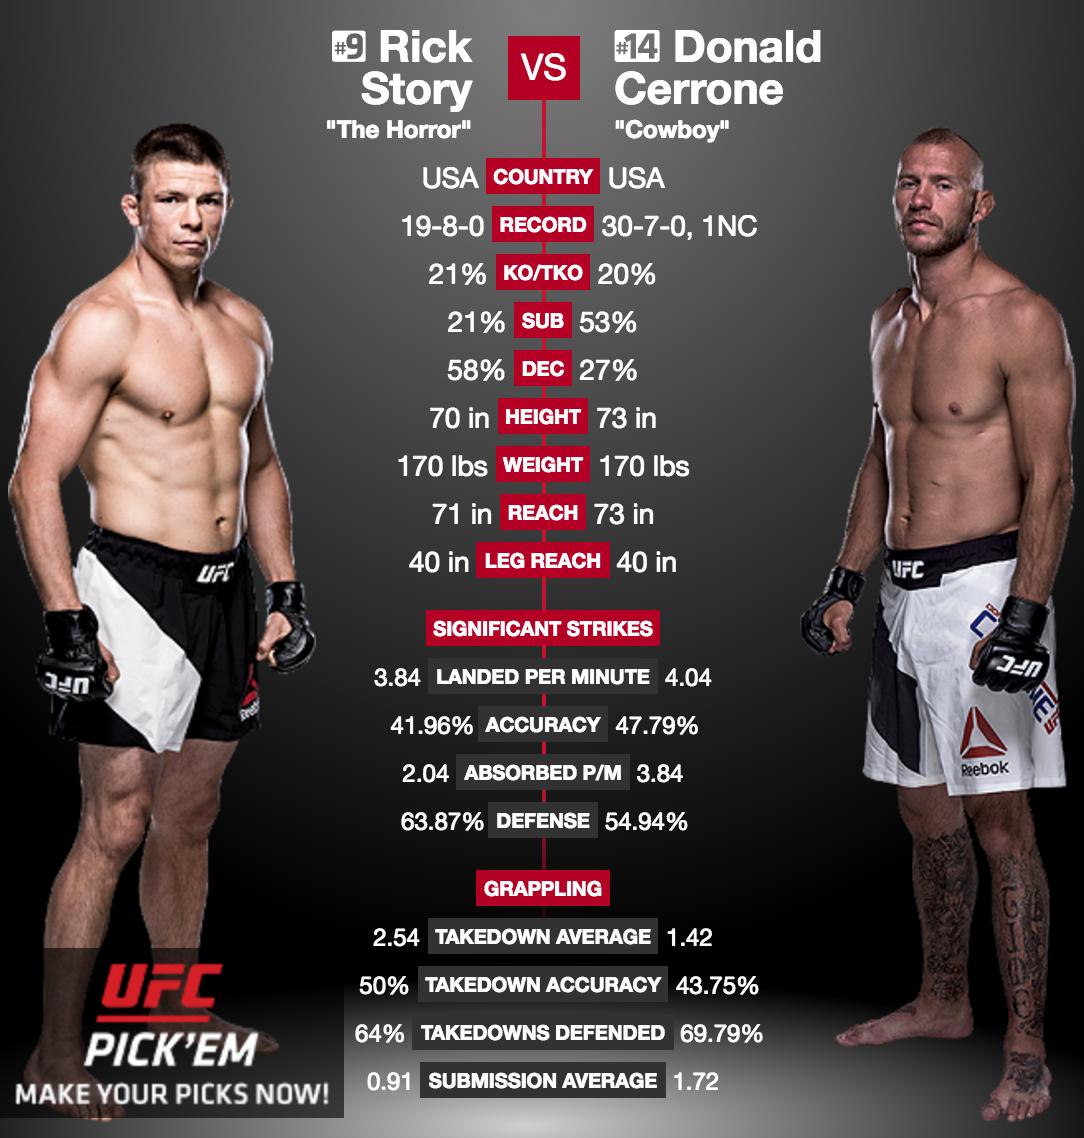 UFC 202 - Donald Cowboy Cerrone vs. Rick Story